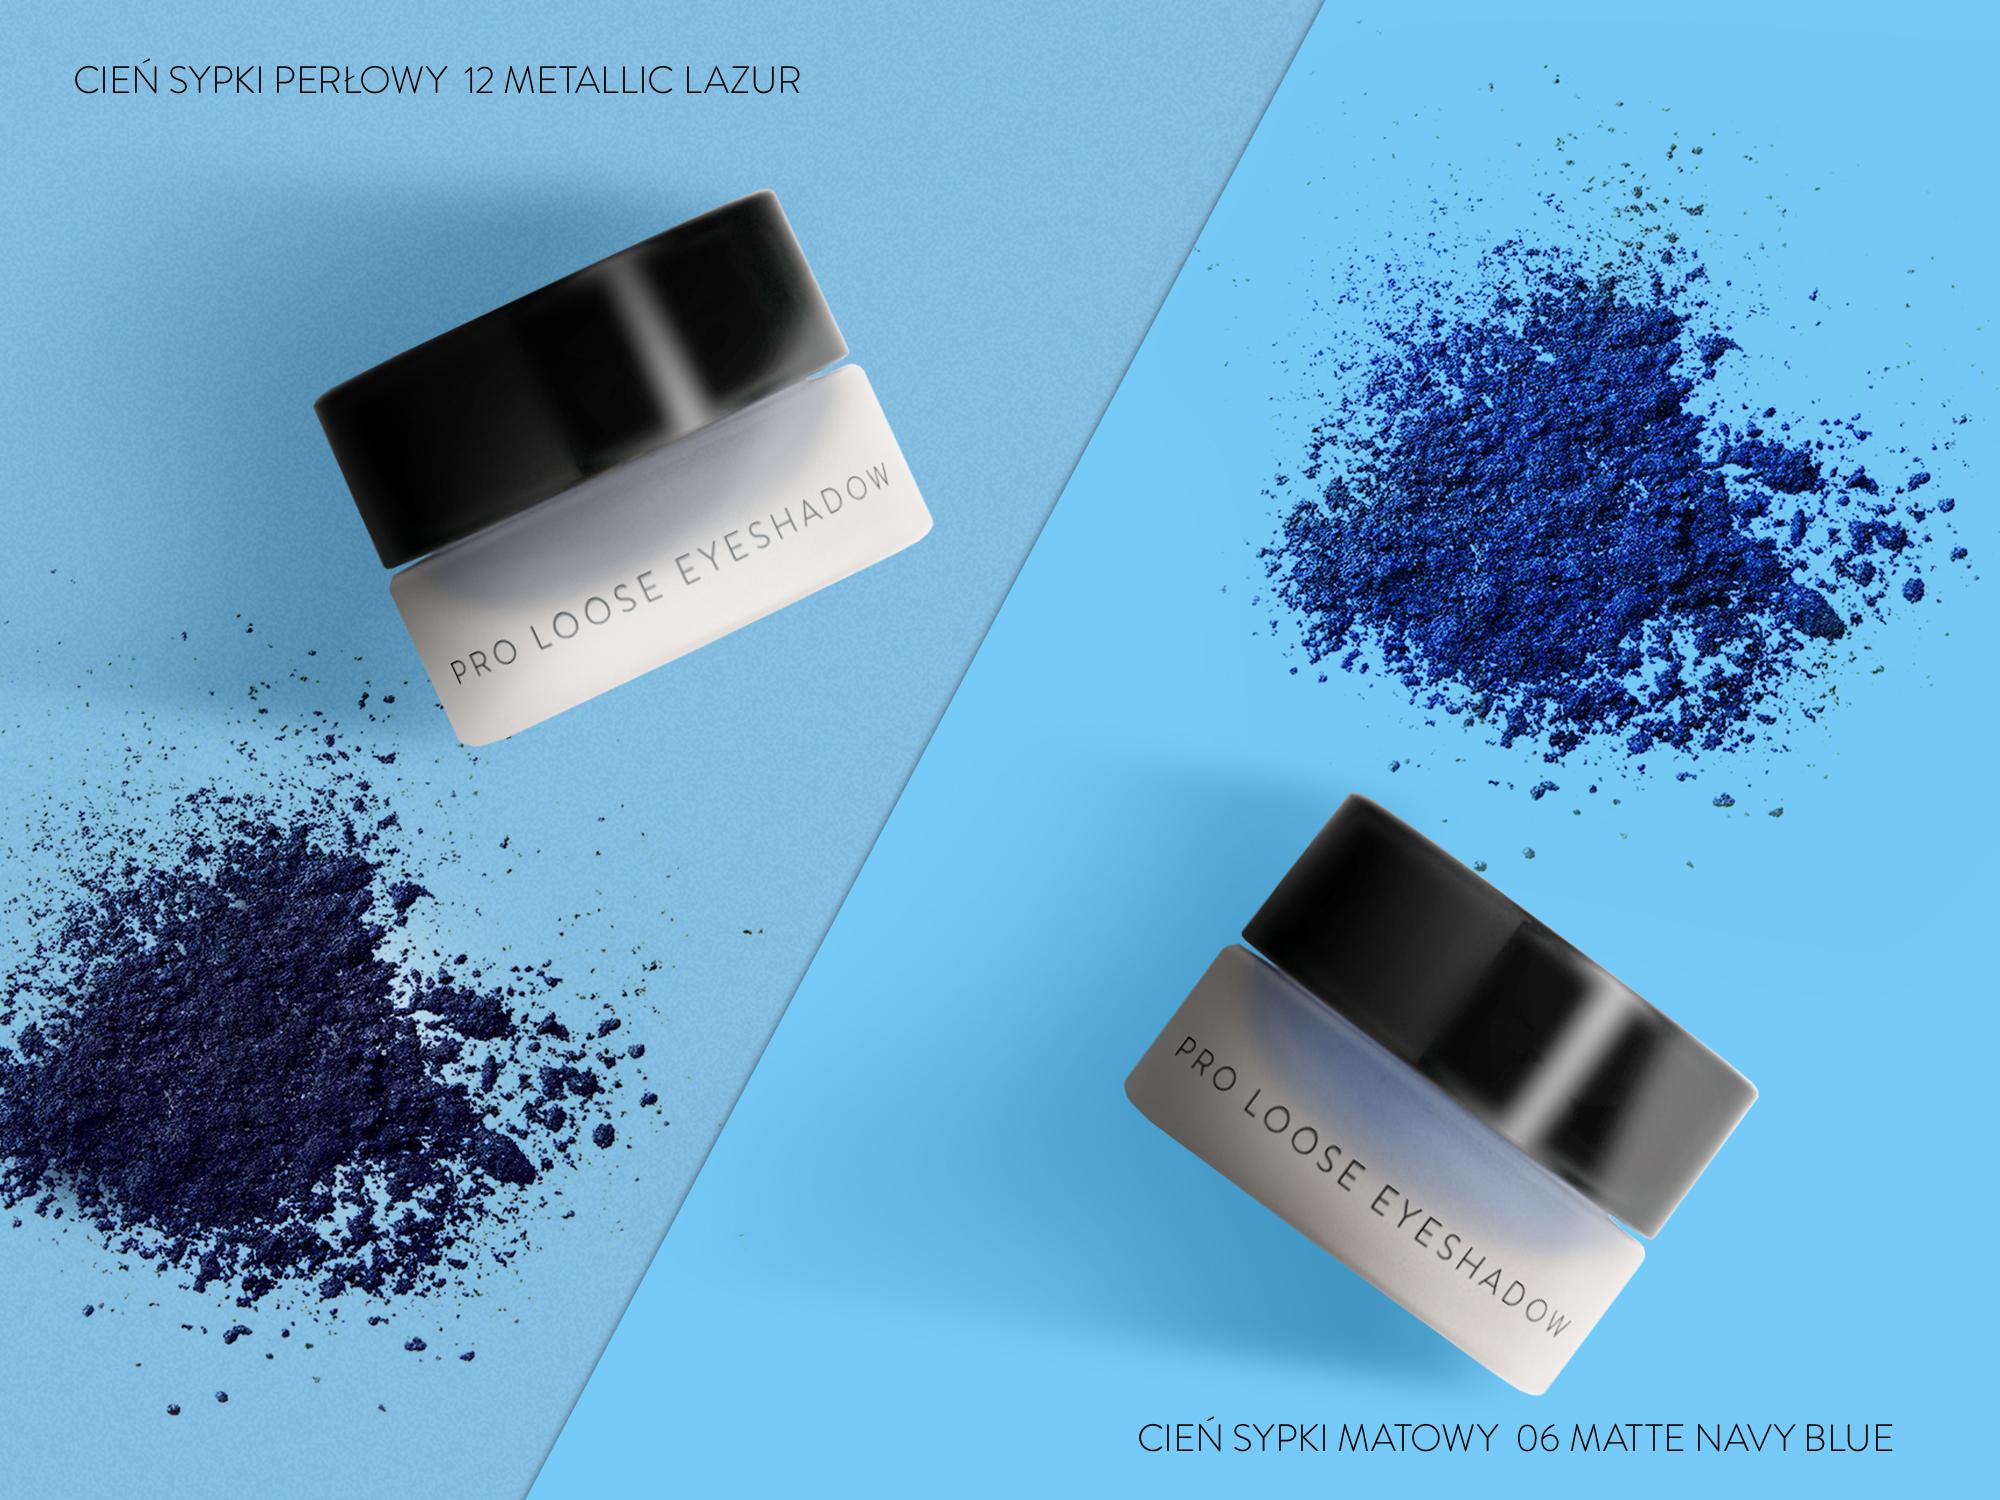 Profesjonalne cienie do powiek NEO Make Up, podkreślające niebieskie oczy